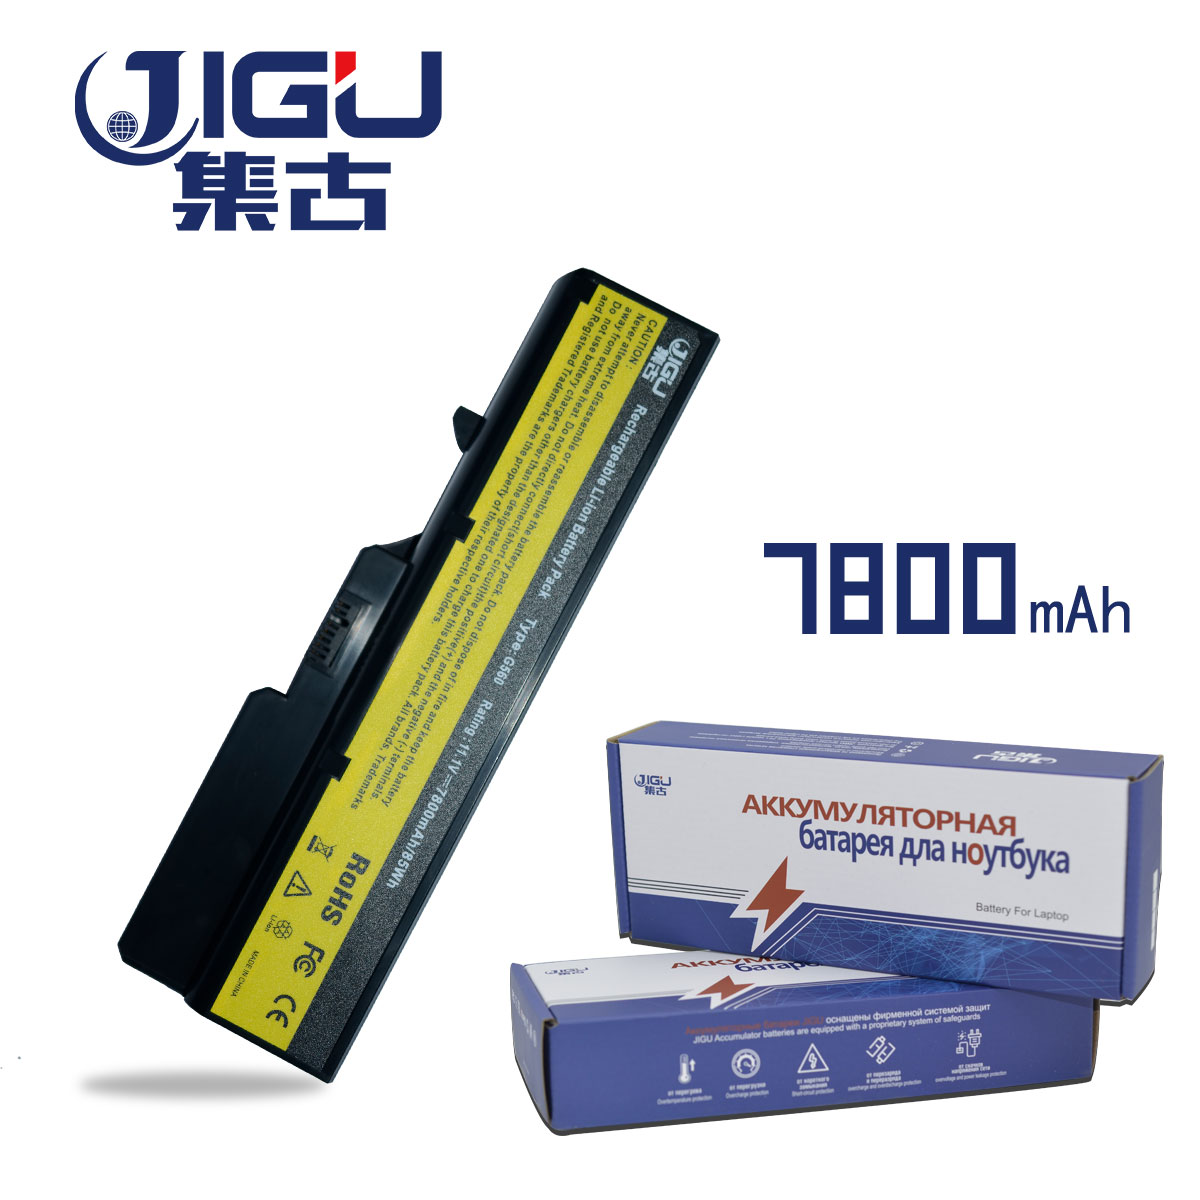 JIGU 9 Cellules Batterie Dordinateur Portable Pour Lenovo E47G E47L IdeaPad G465 G470 G475 G560 G565 G570 G780 G770 V360 V370 V470 V570 Z370JIGU 9 Cellules Batterie Dordinateur Portable Pour Lenovo E47G E47L IdeaPad G465 G470 G475 G560 G565 G570 G780 G770 V360 V370 V470 V570 Z370